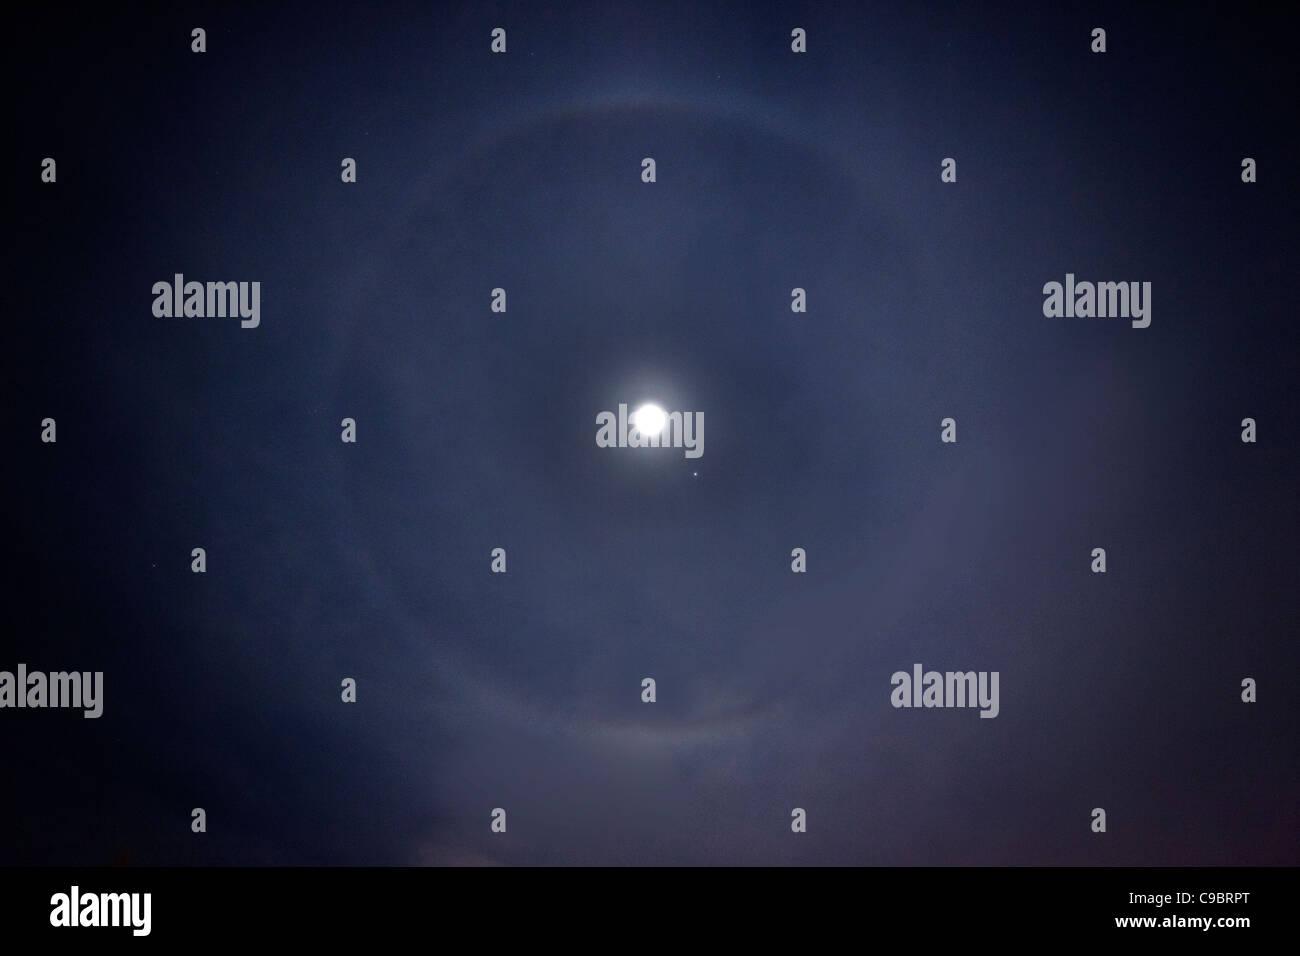 Mond Ring Phänomen wo ein weißlicher Heiligenschein den Mond im Winter umgibt. Stockbild